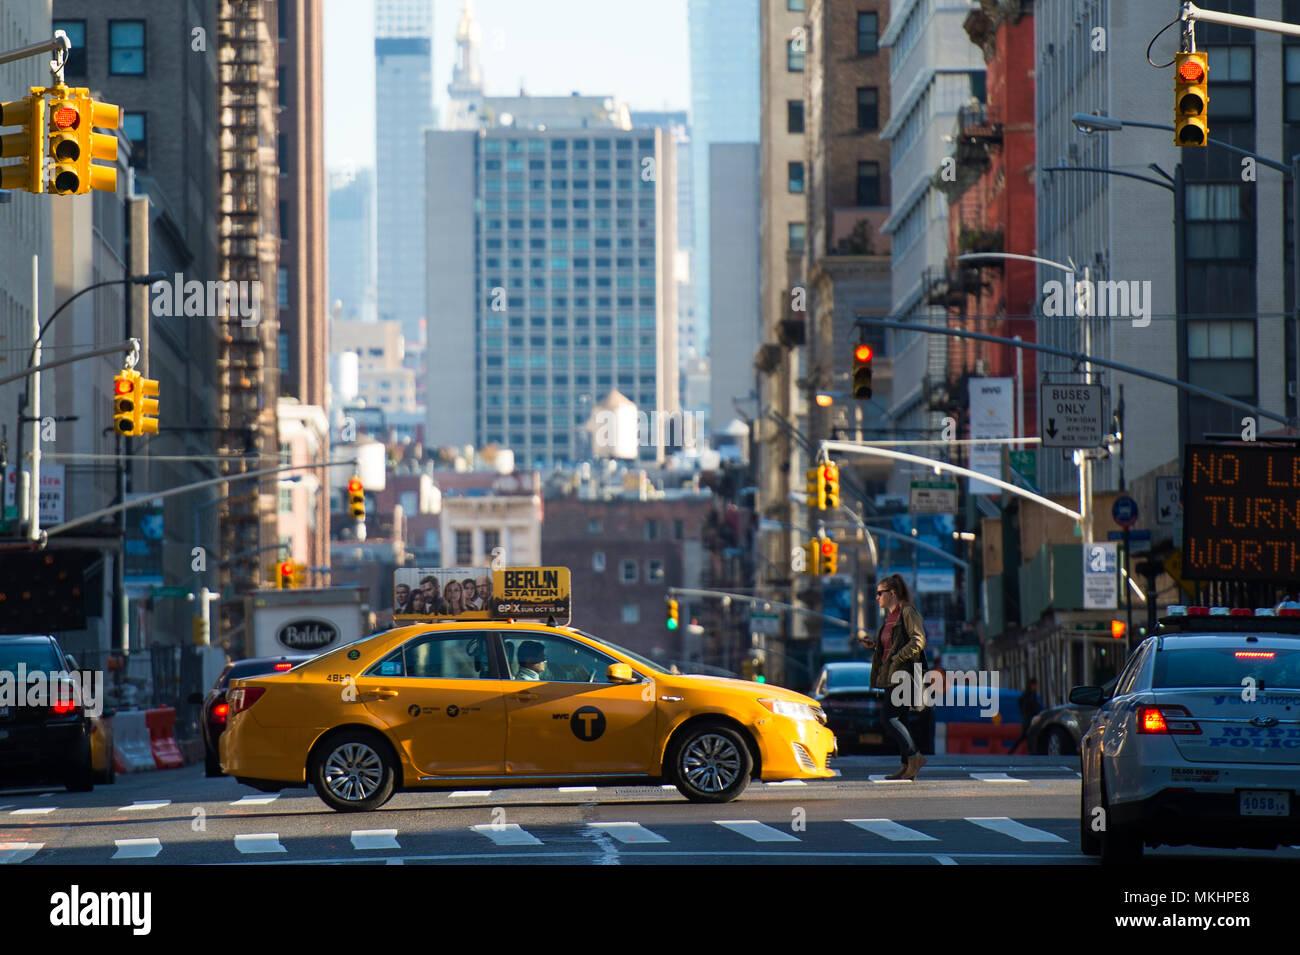 NEY YORK-USA - 28. Oktober 2017. Ein gelbes Taxi kreuzt ein Schnittpunkt zwischen den 42 Straße während des Sonnenuntergangs in Manhattan. Stockbild